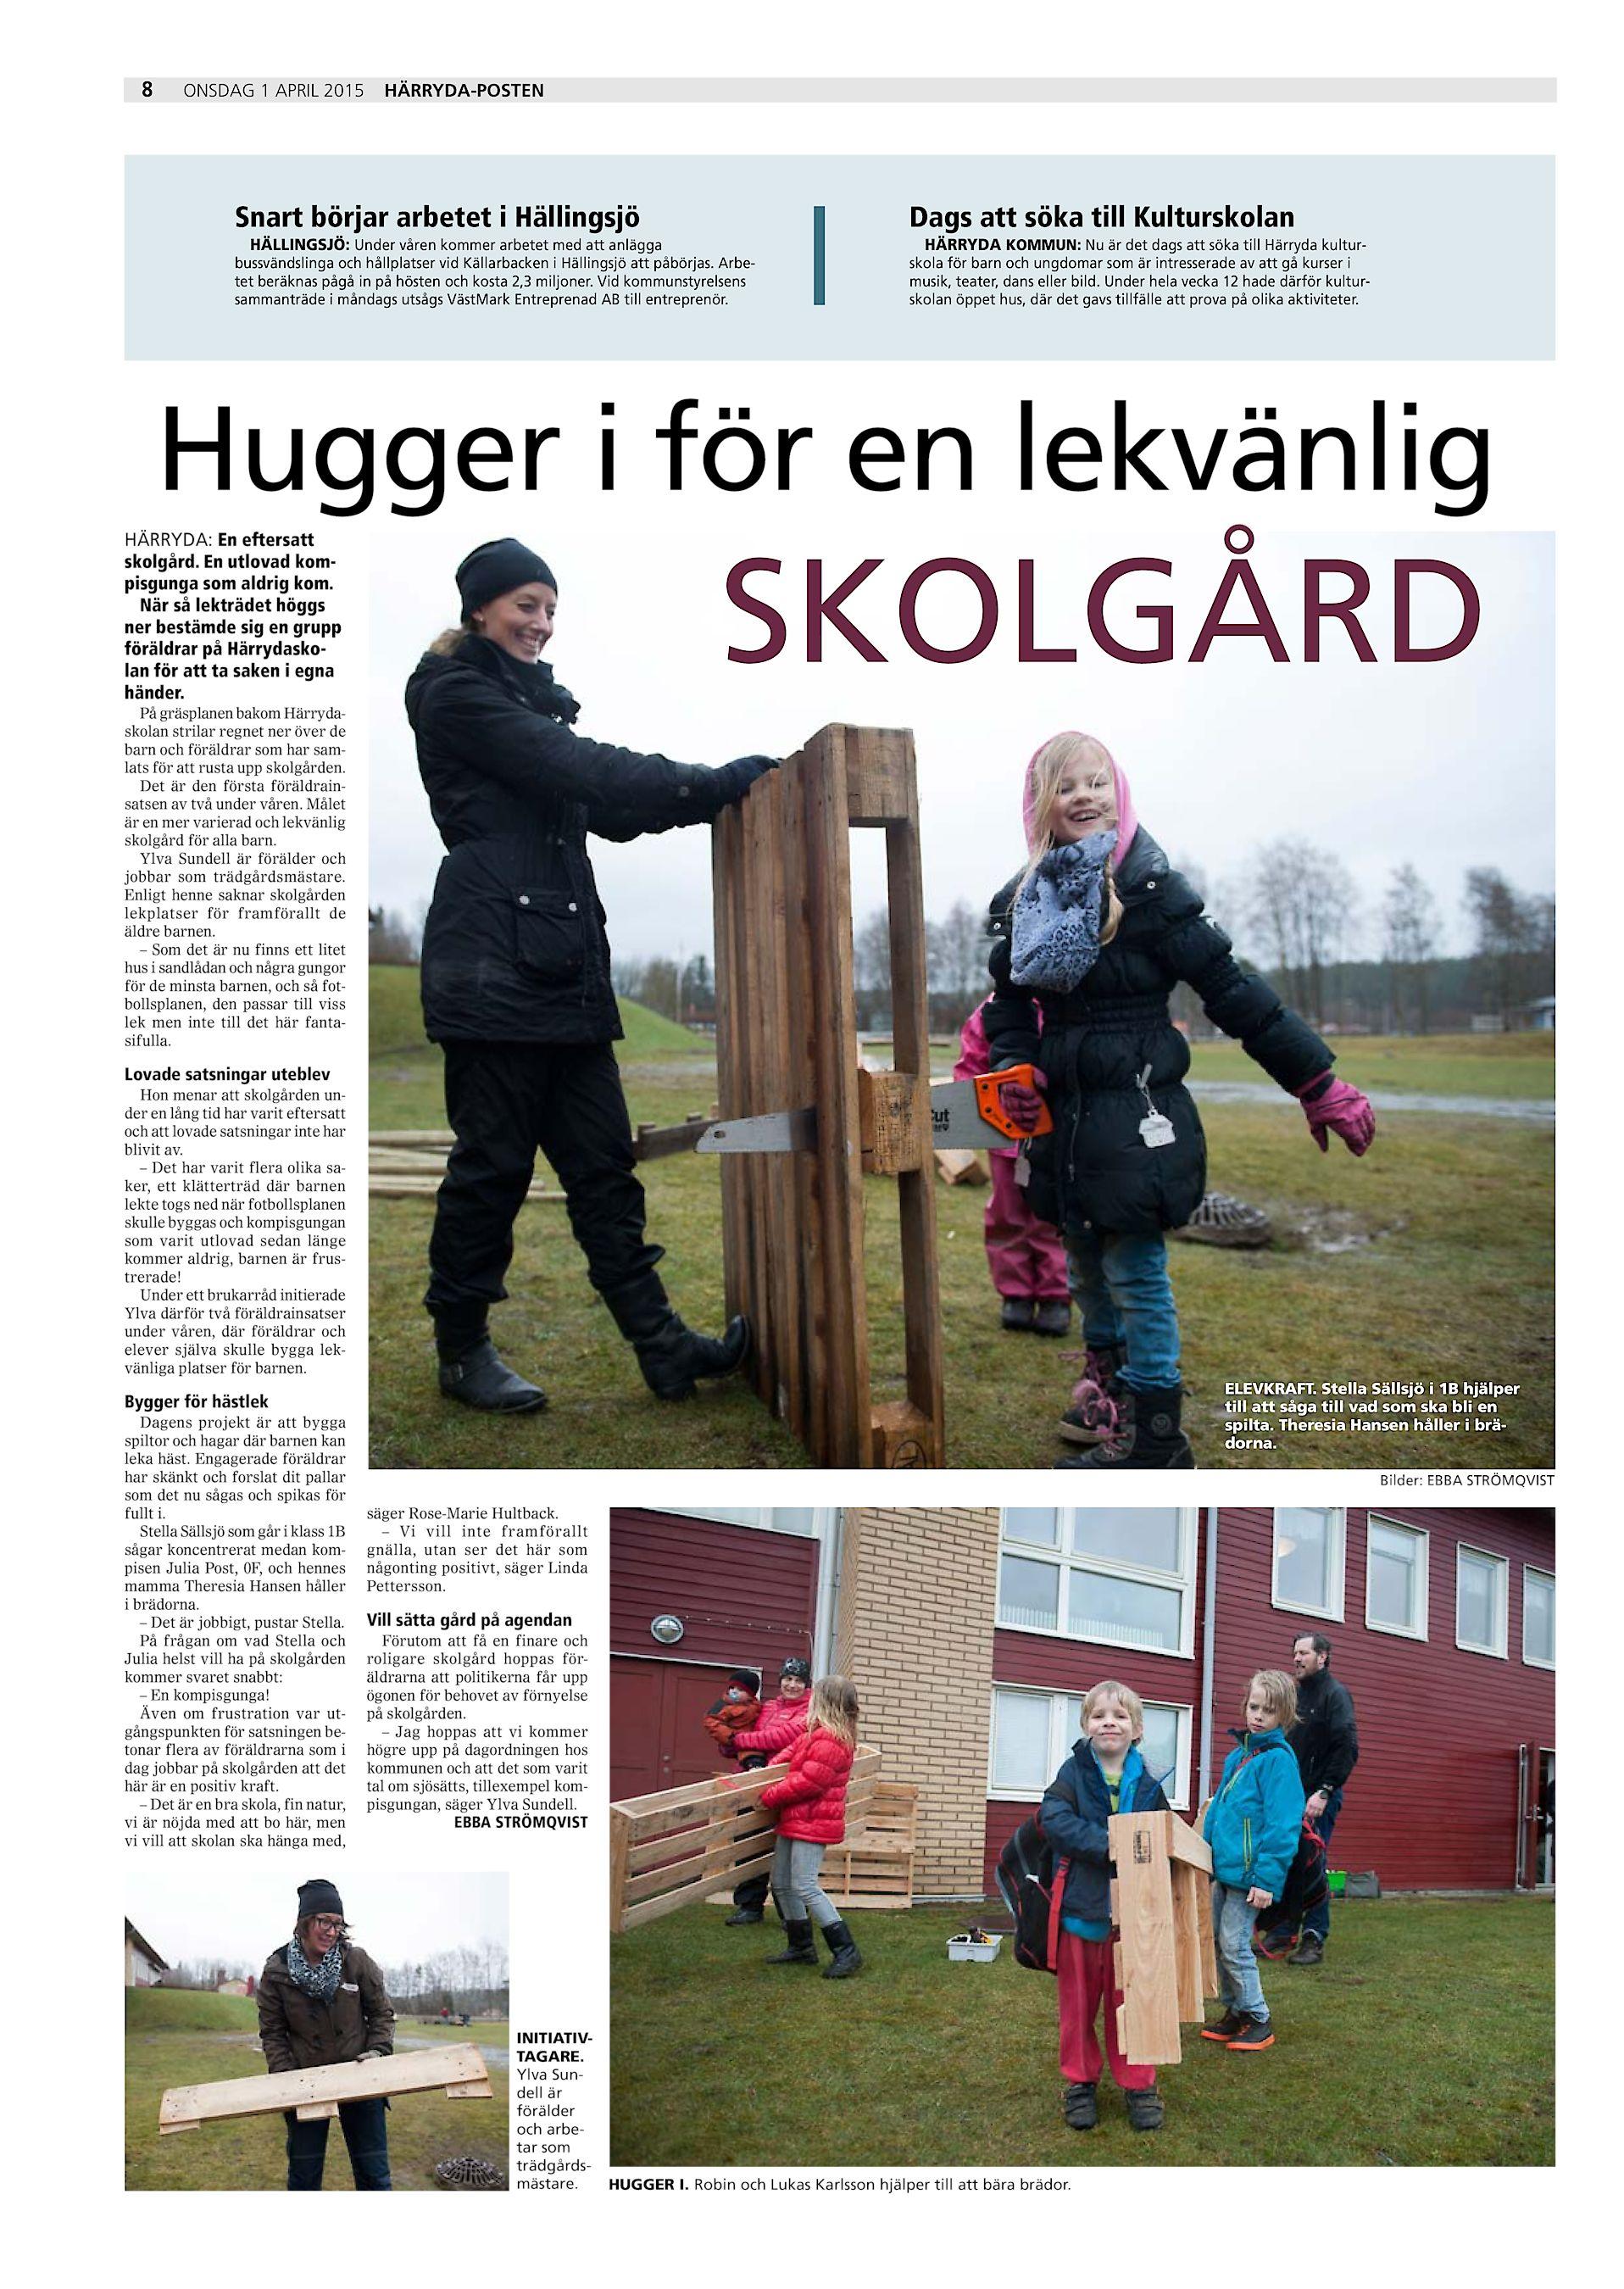 Dejting Online Escort I Vaxjochatt Kiruna - Porr Gteborg